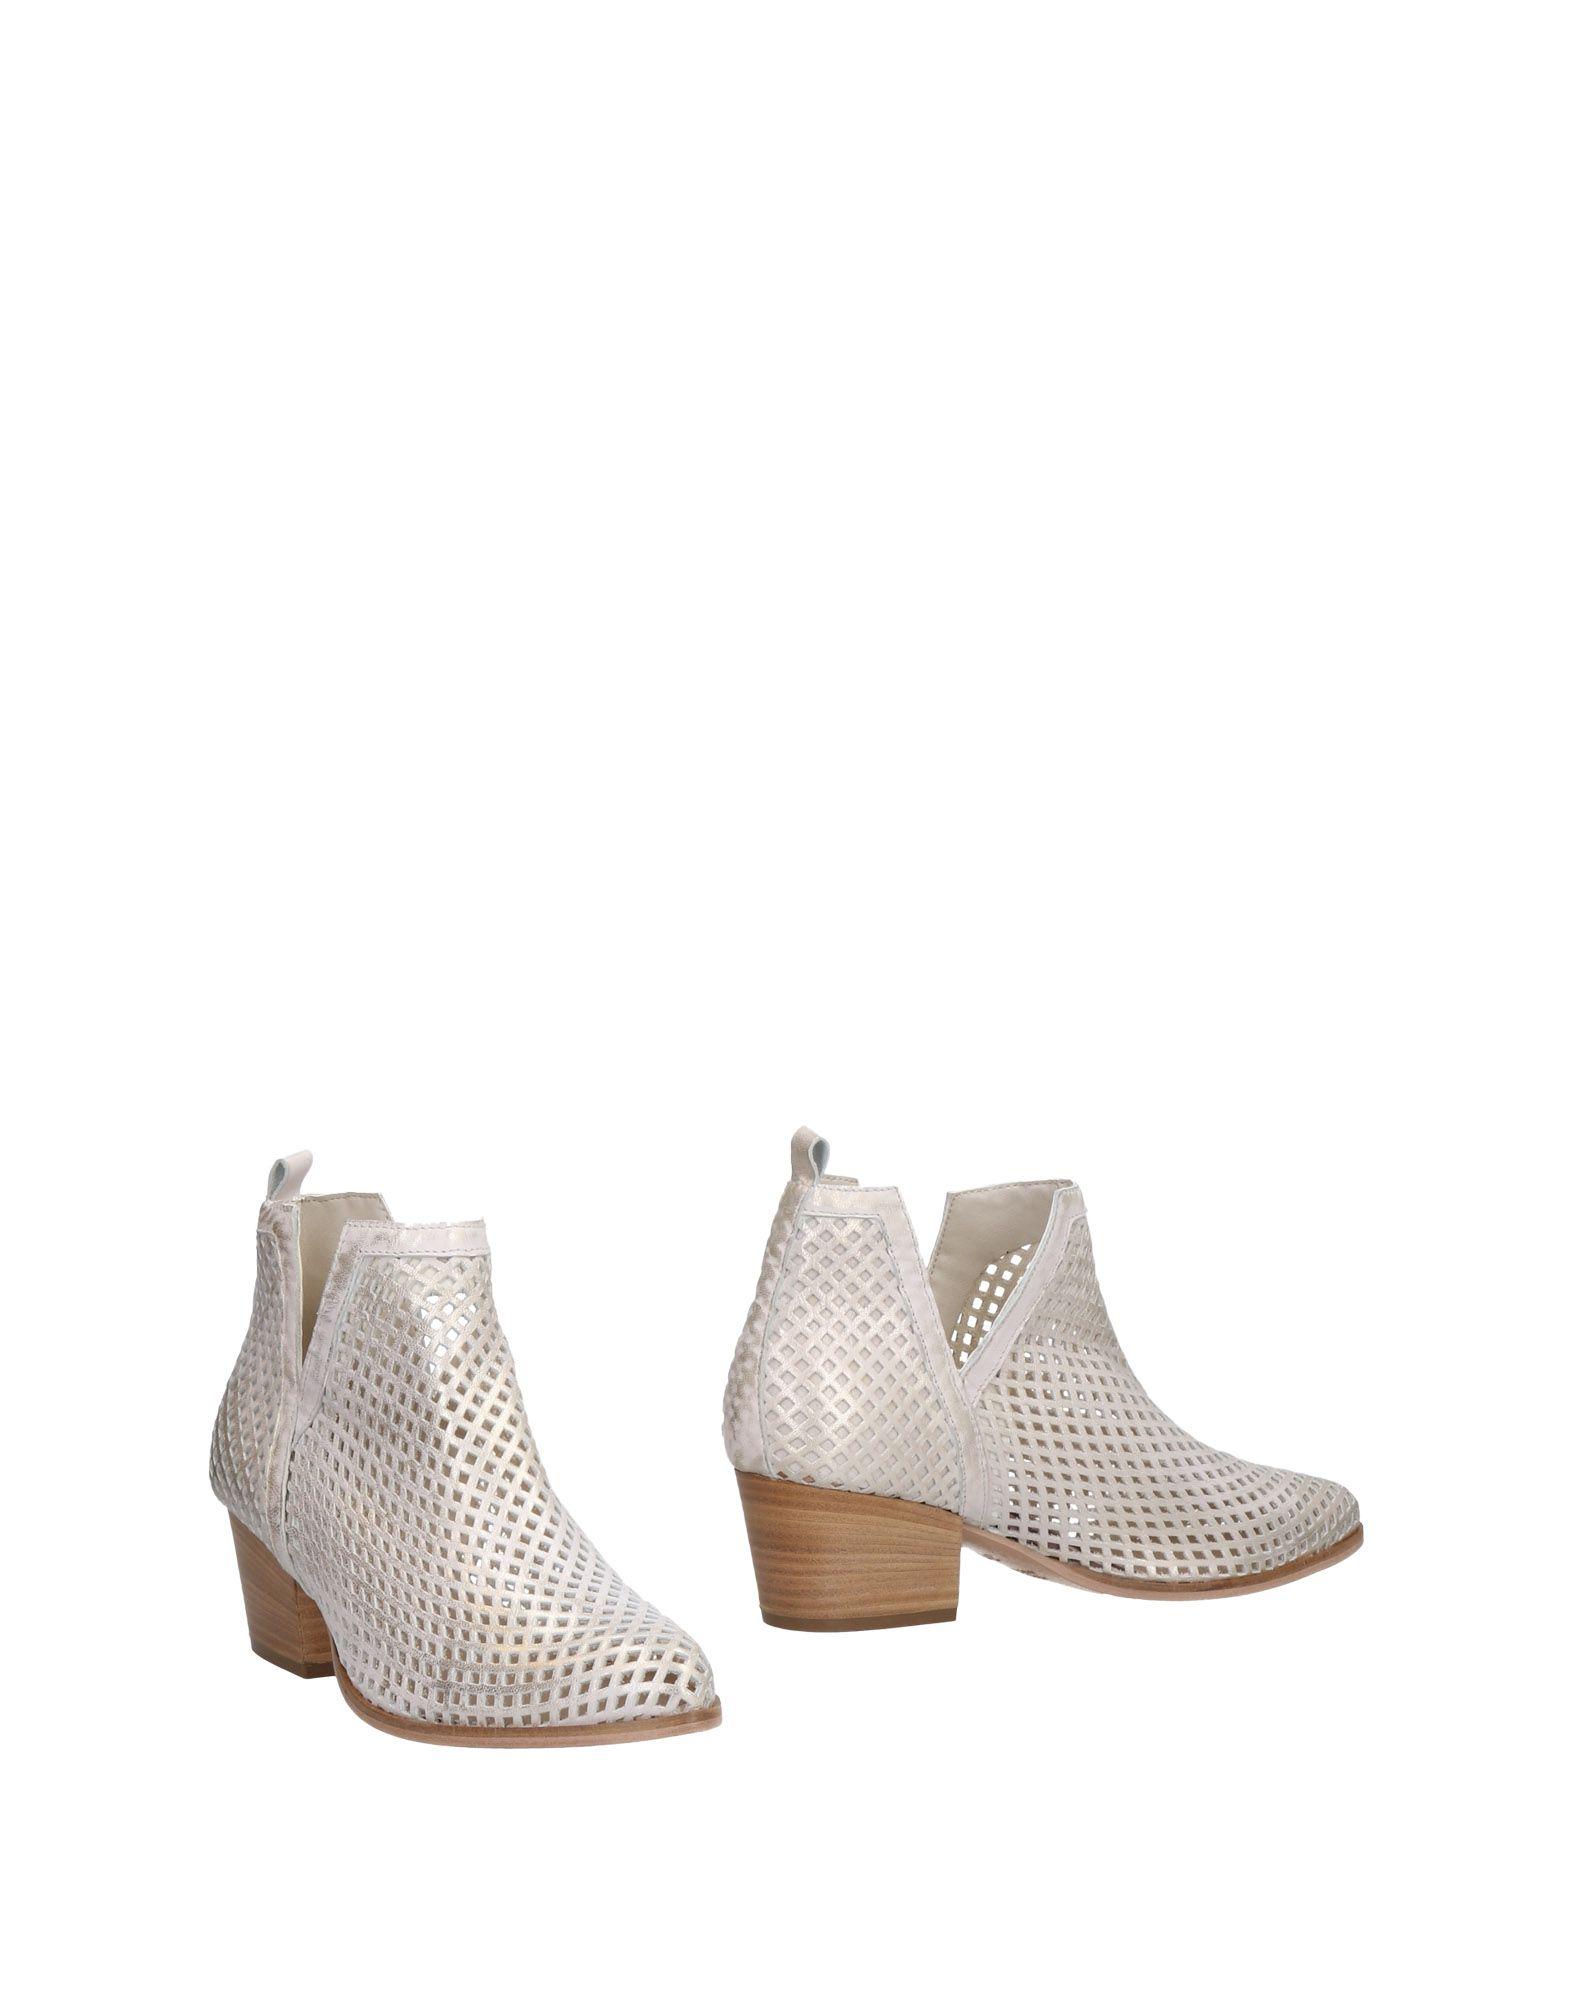 Geneve Stiefelette Damen  11470299BX Gute Qualität beliebte Schuhe